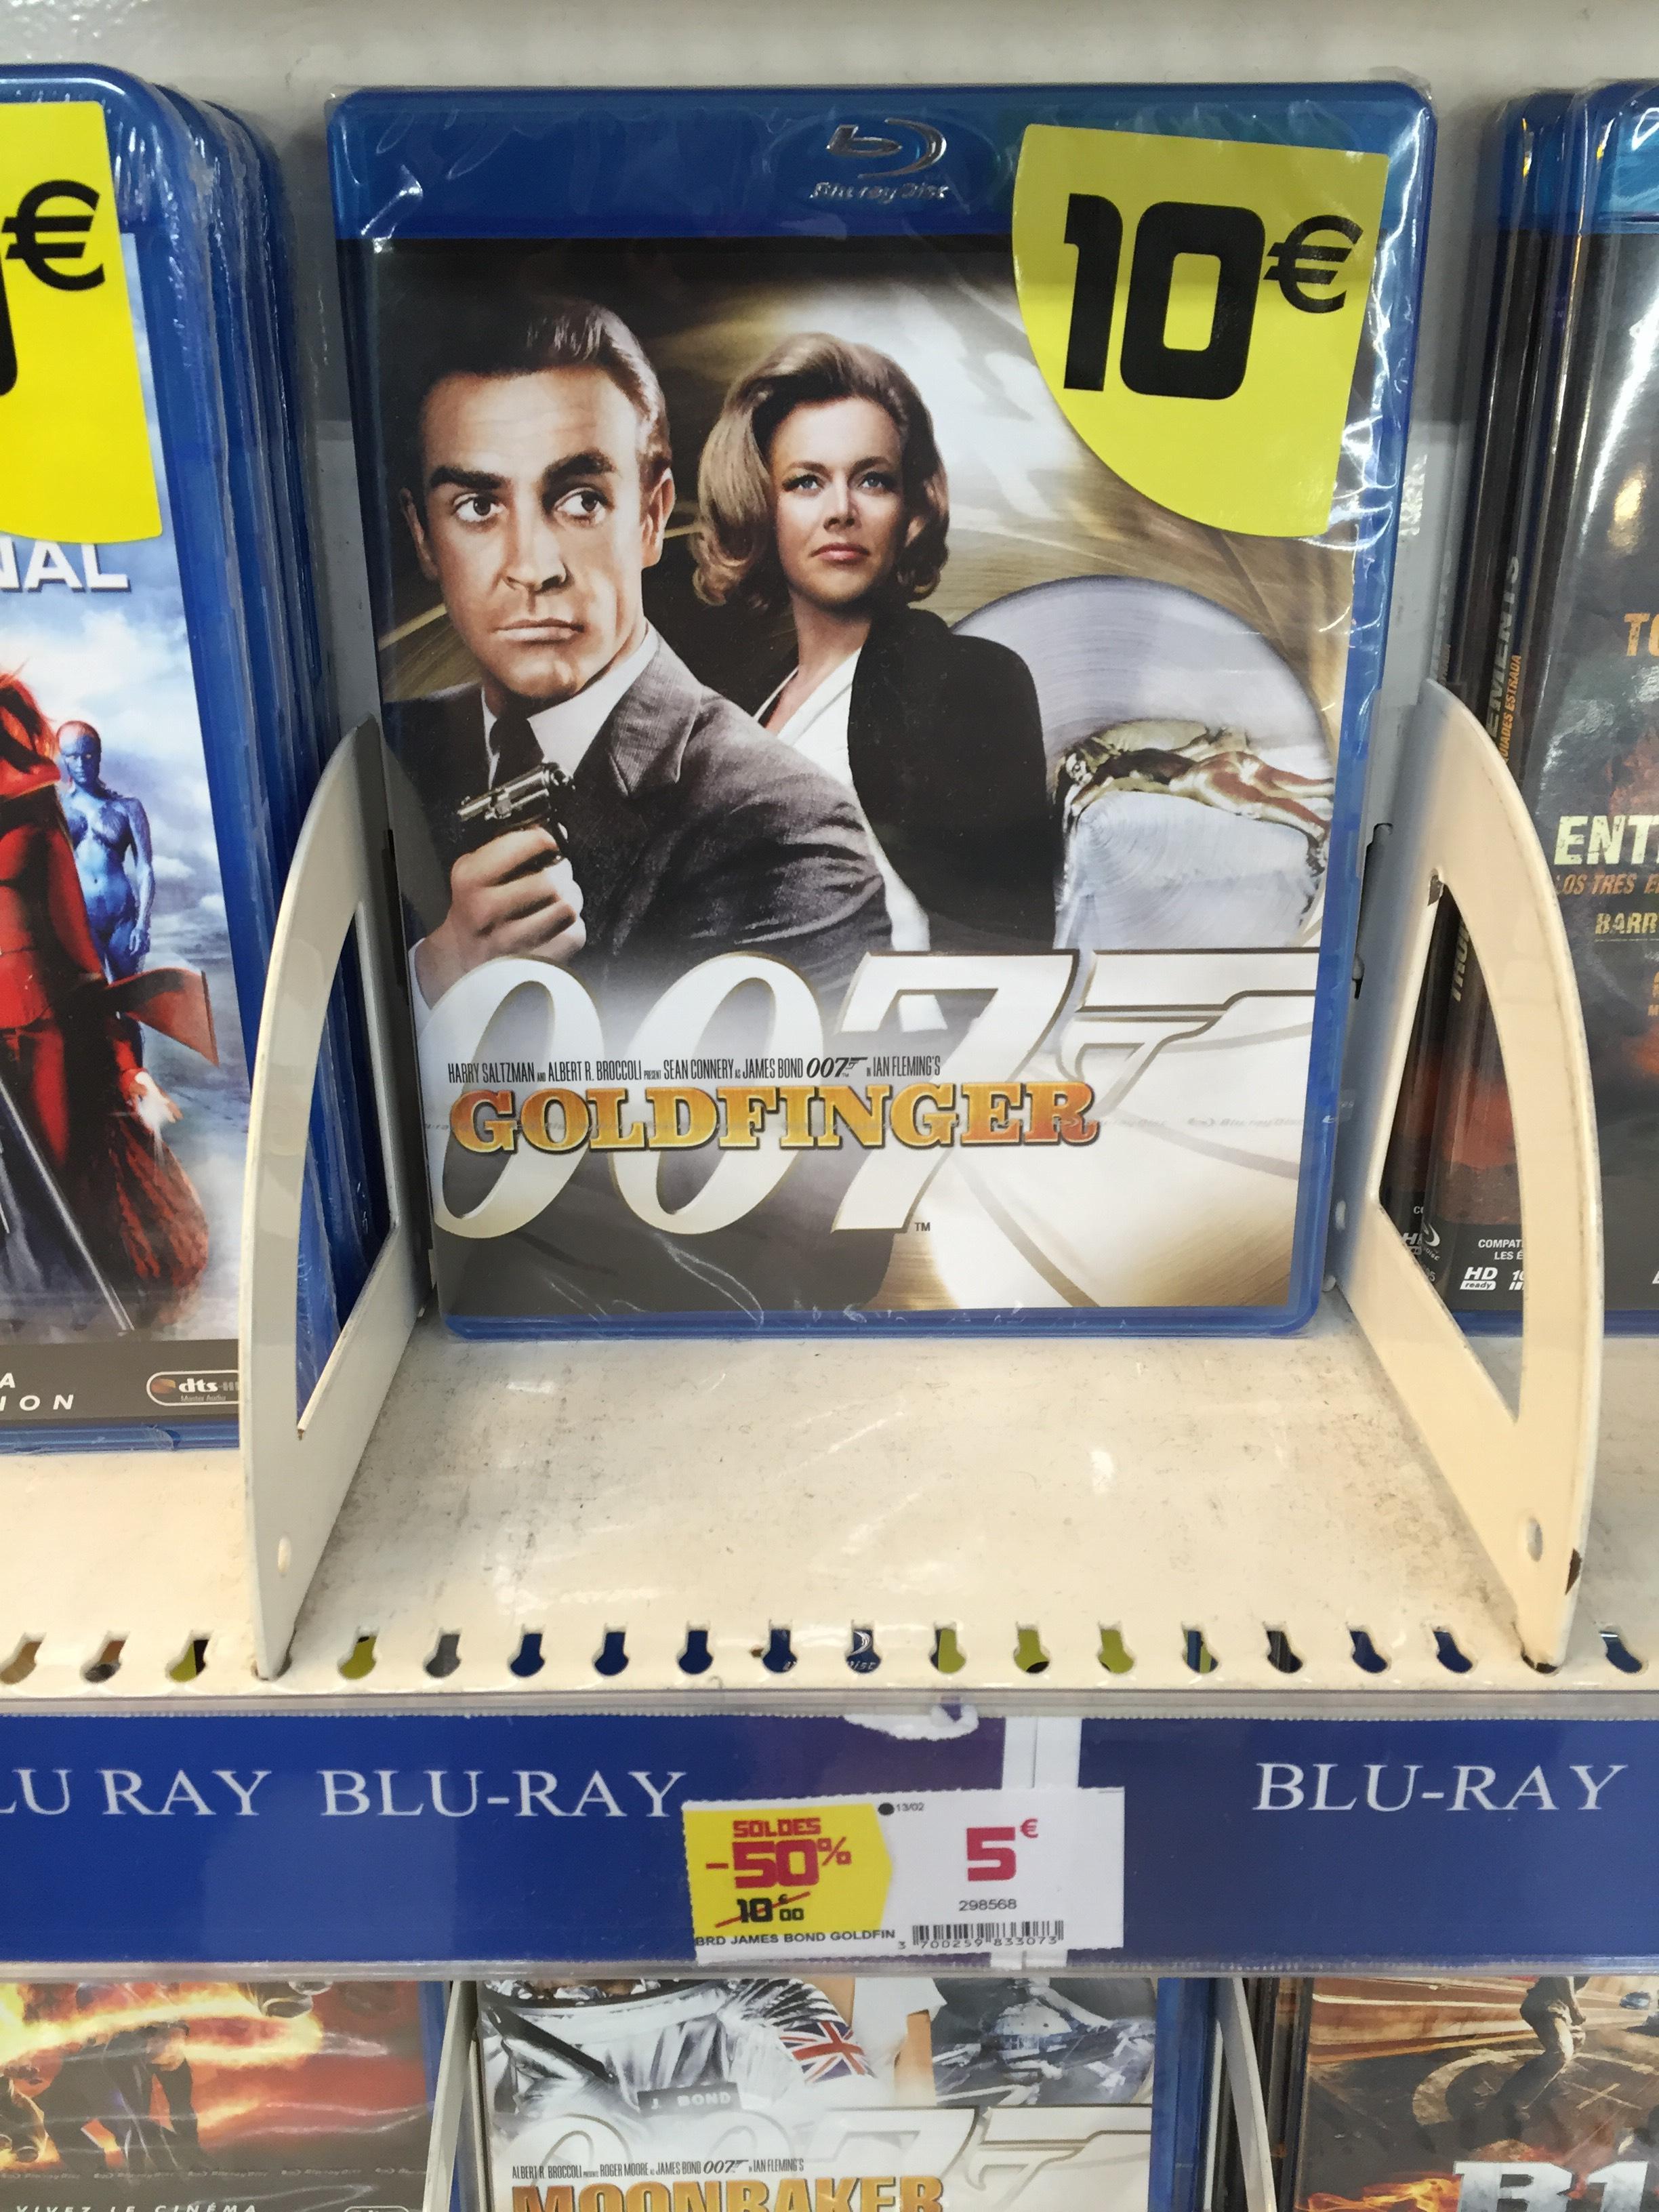 Sélection de Blu-ray à 5€ ou 7€ - Ex : James Bond Goldfinger